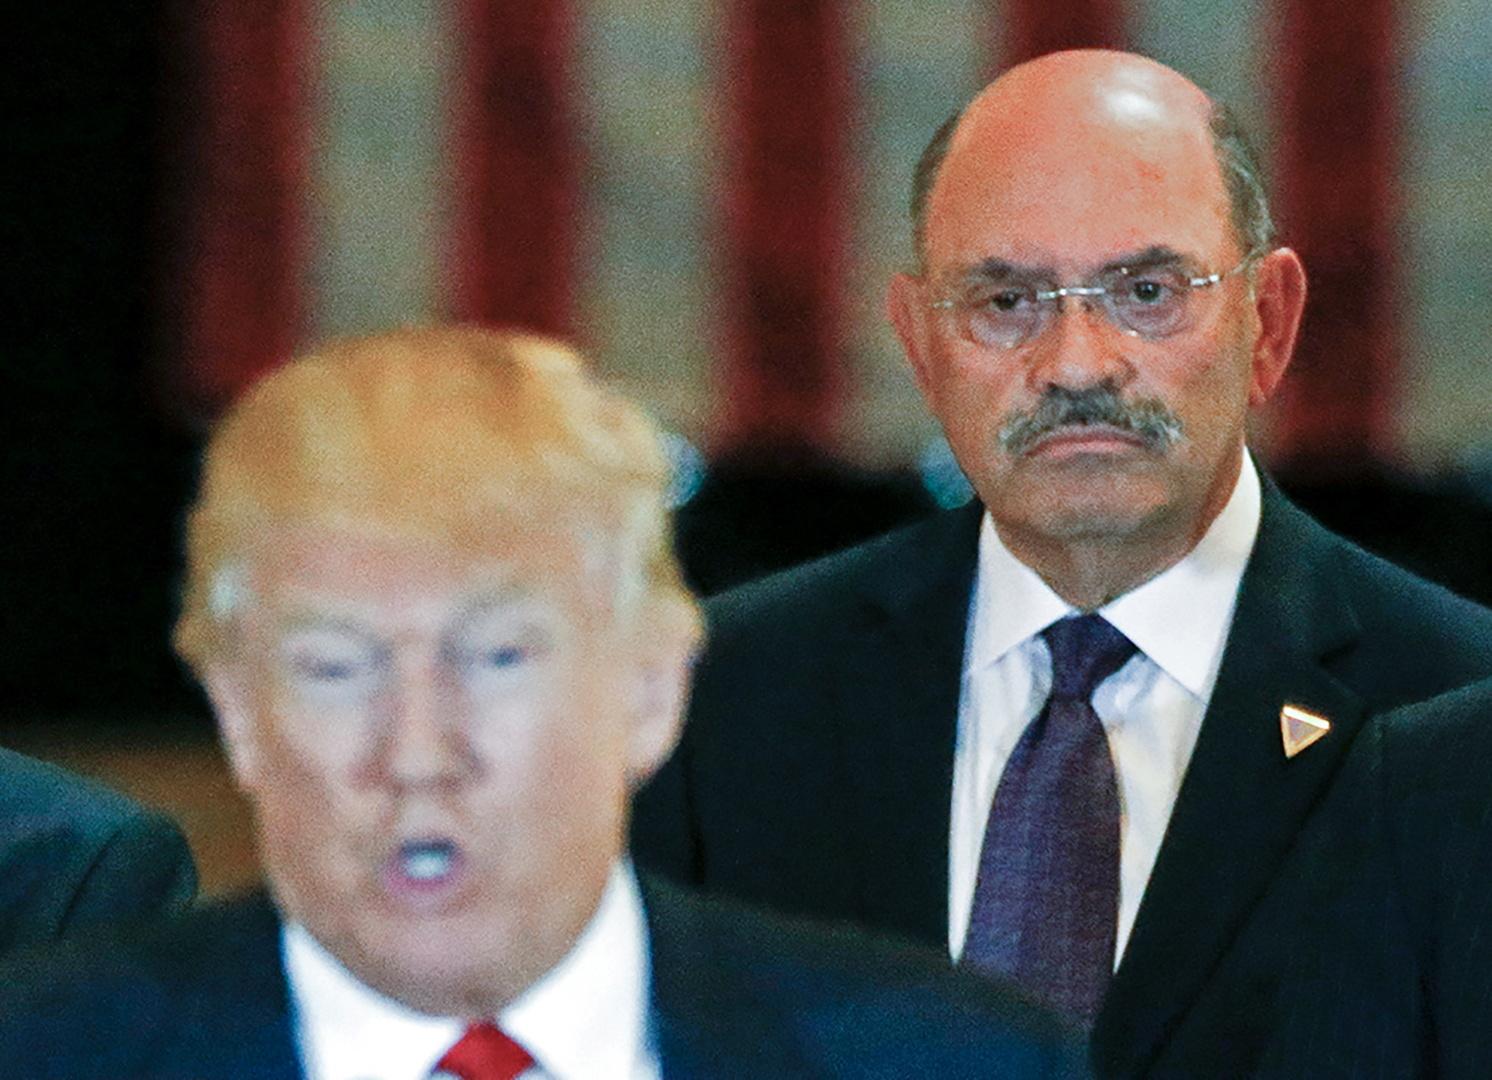 منظمة ترامب ومديرها المالي متهمان بجرائم متعلقة بالضرائب